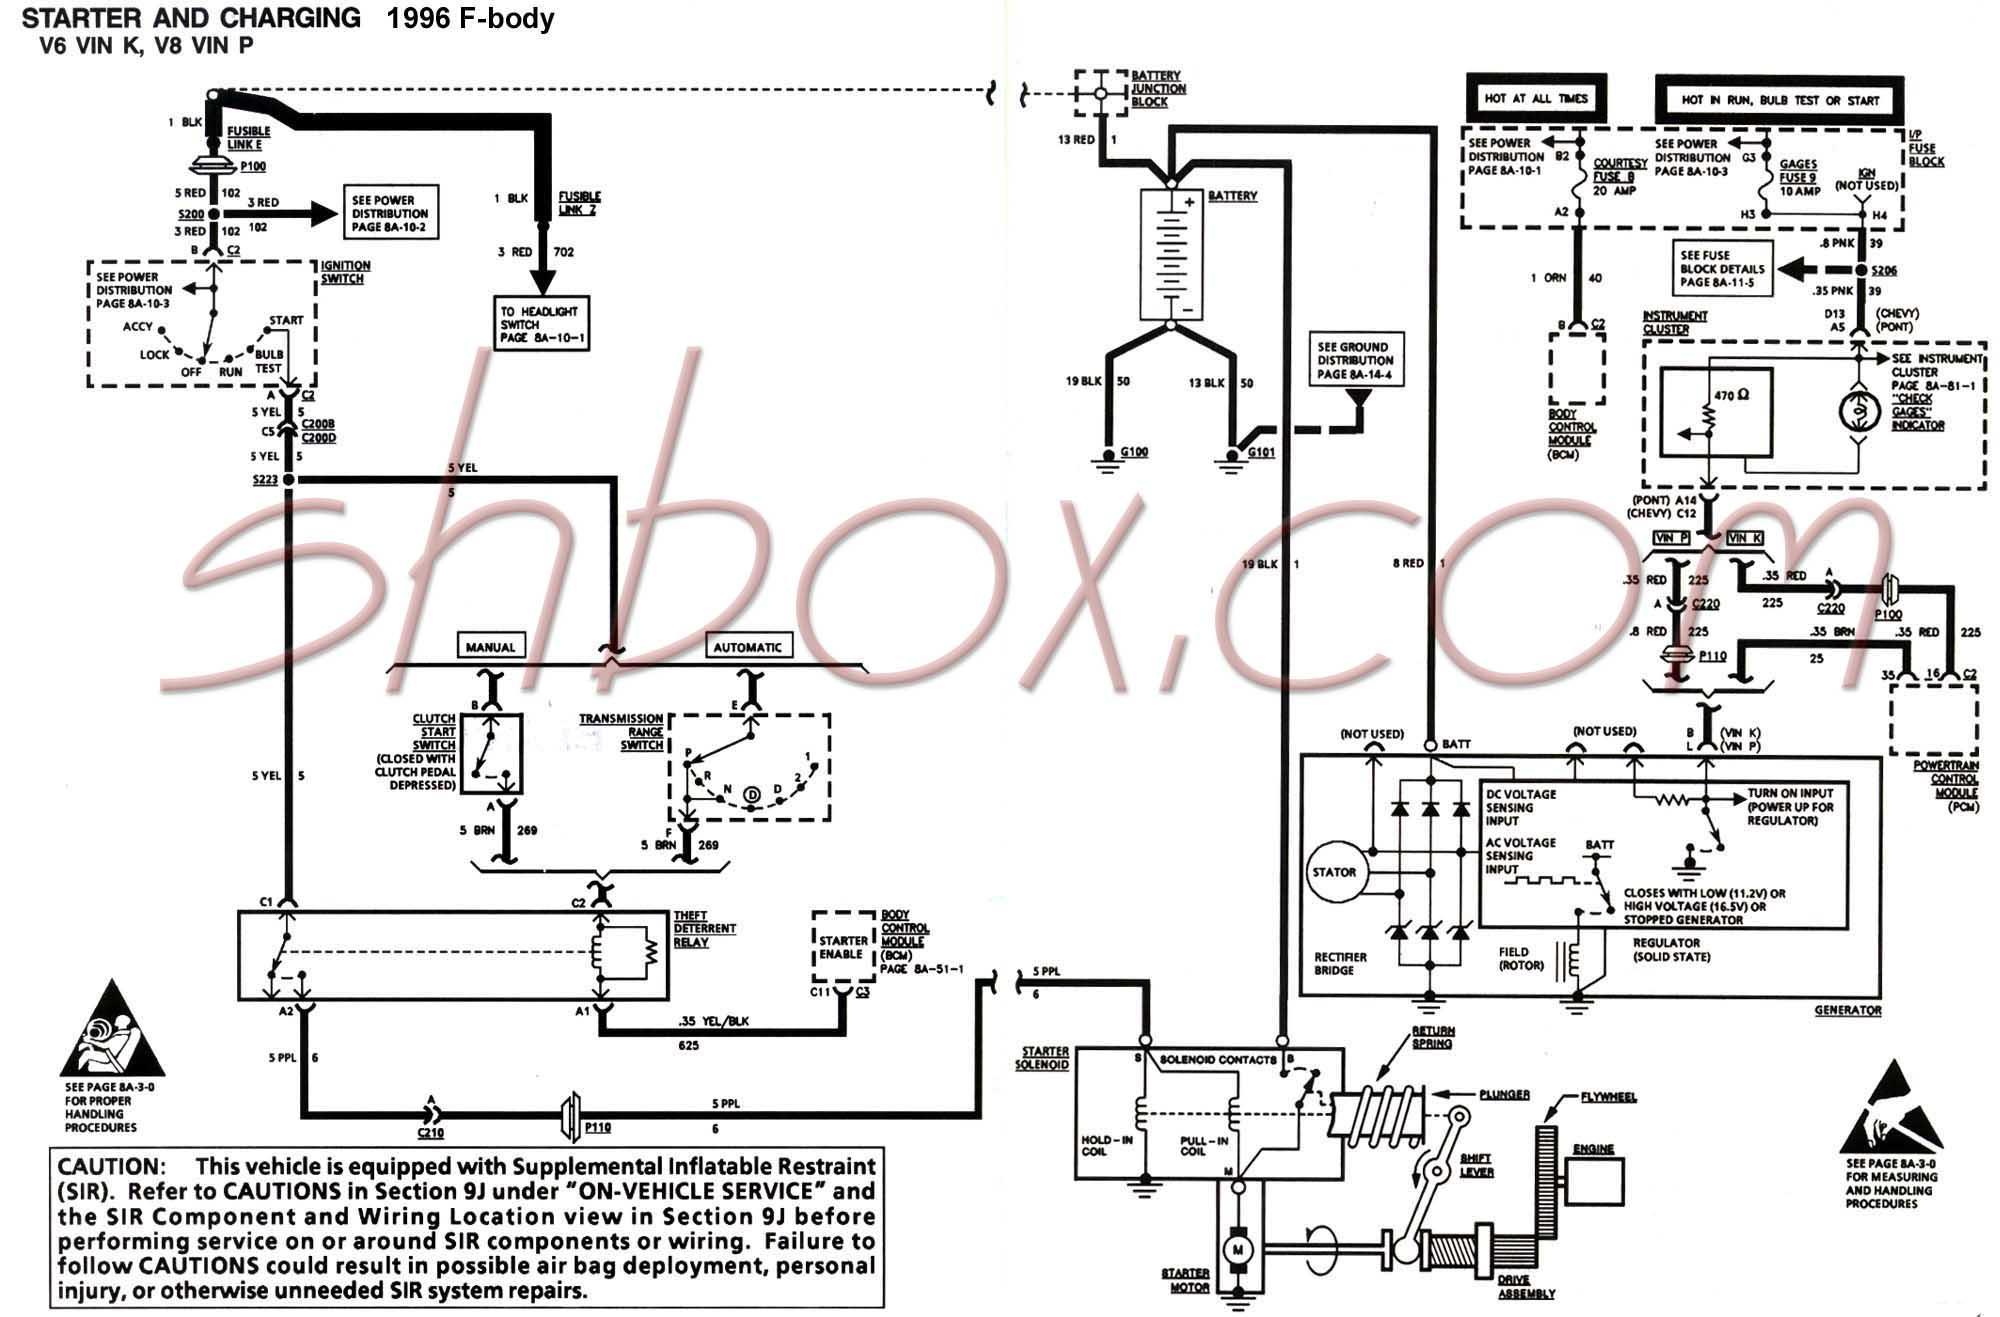 Painless Wiring Lt1 - Data Wiring Diagram Schematic - Painless Wiring Harness Diagram